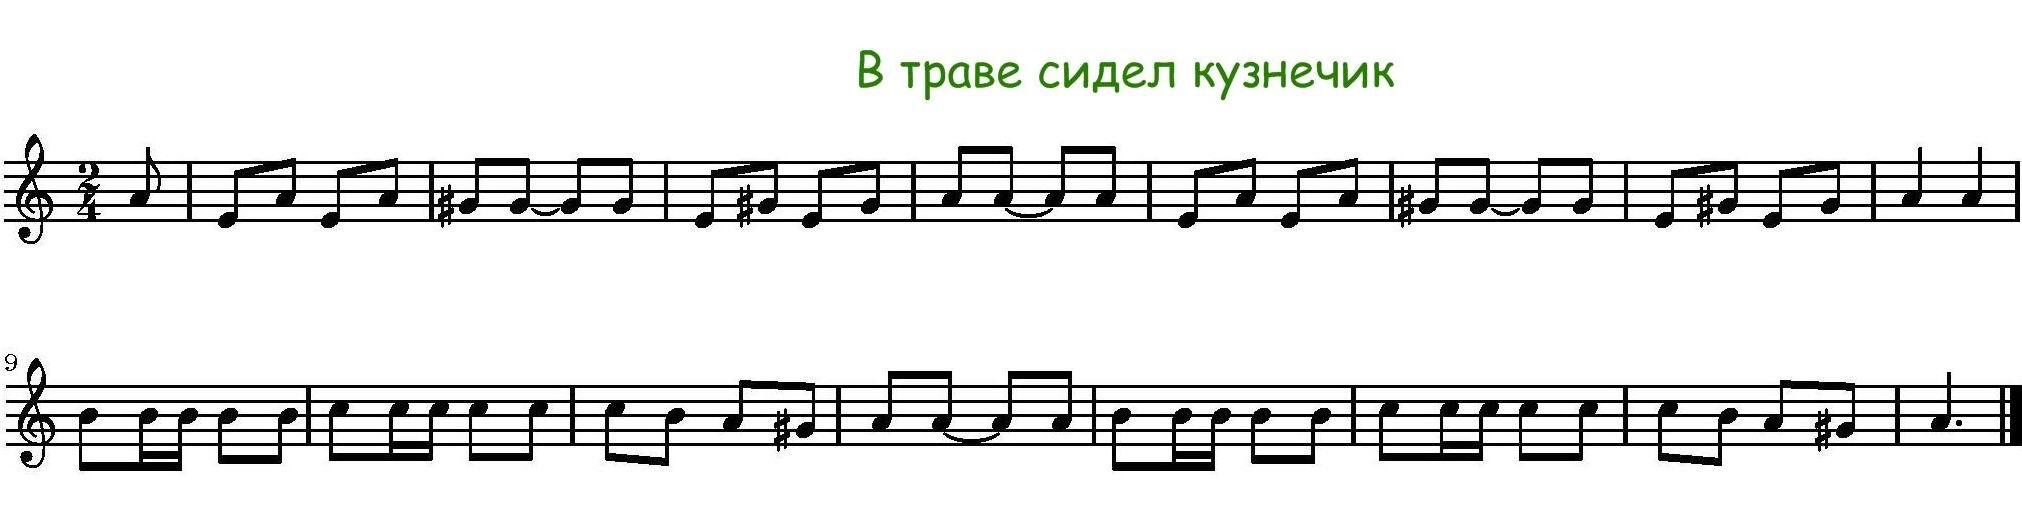 Песенка в траве сидел кузнечик аккорды - 9275